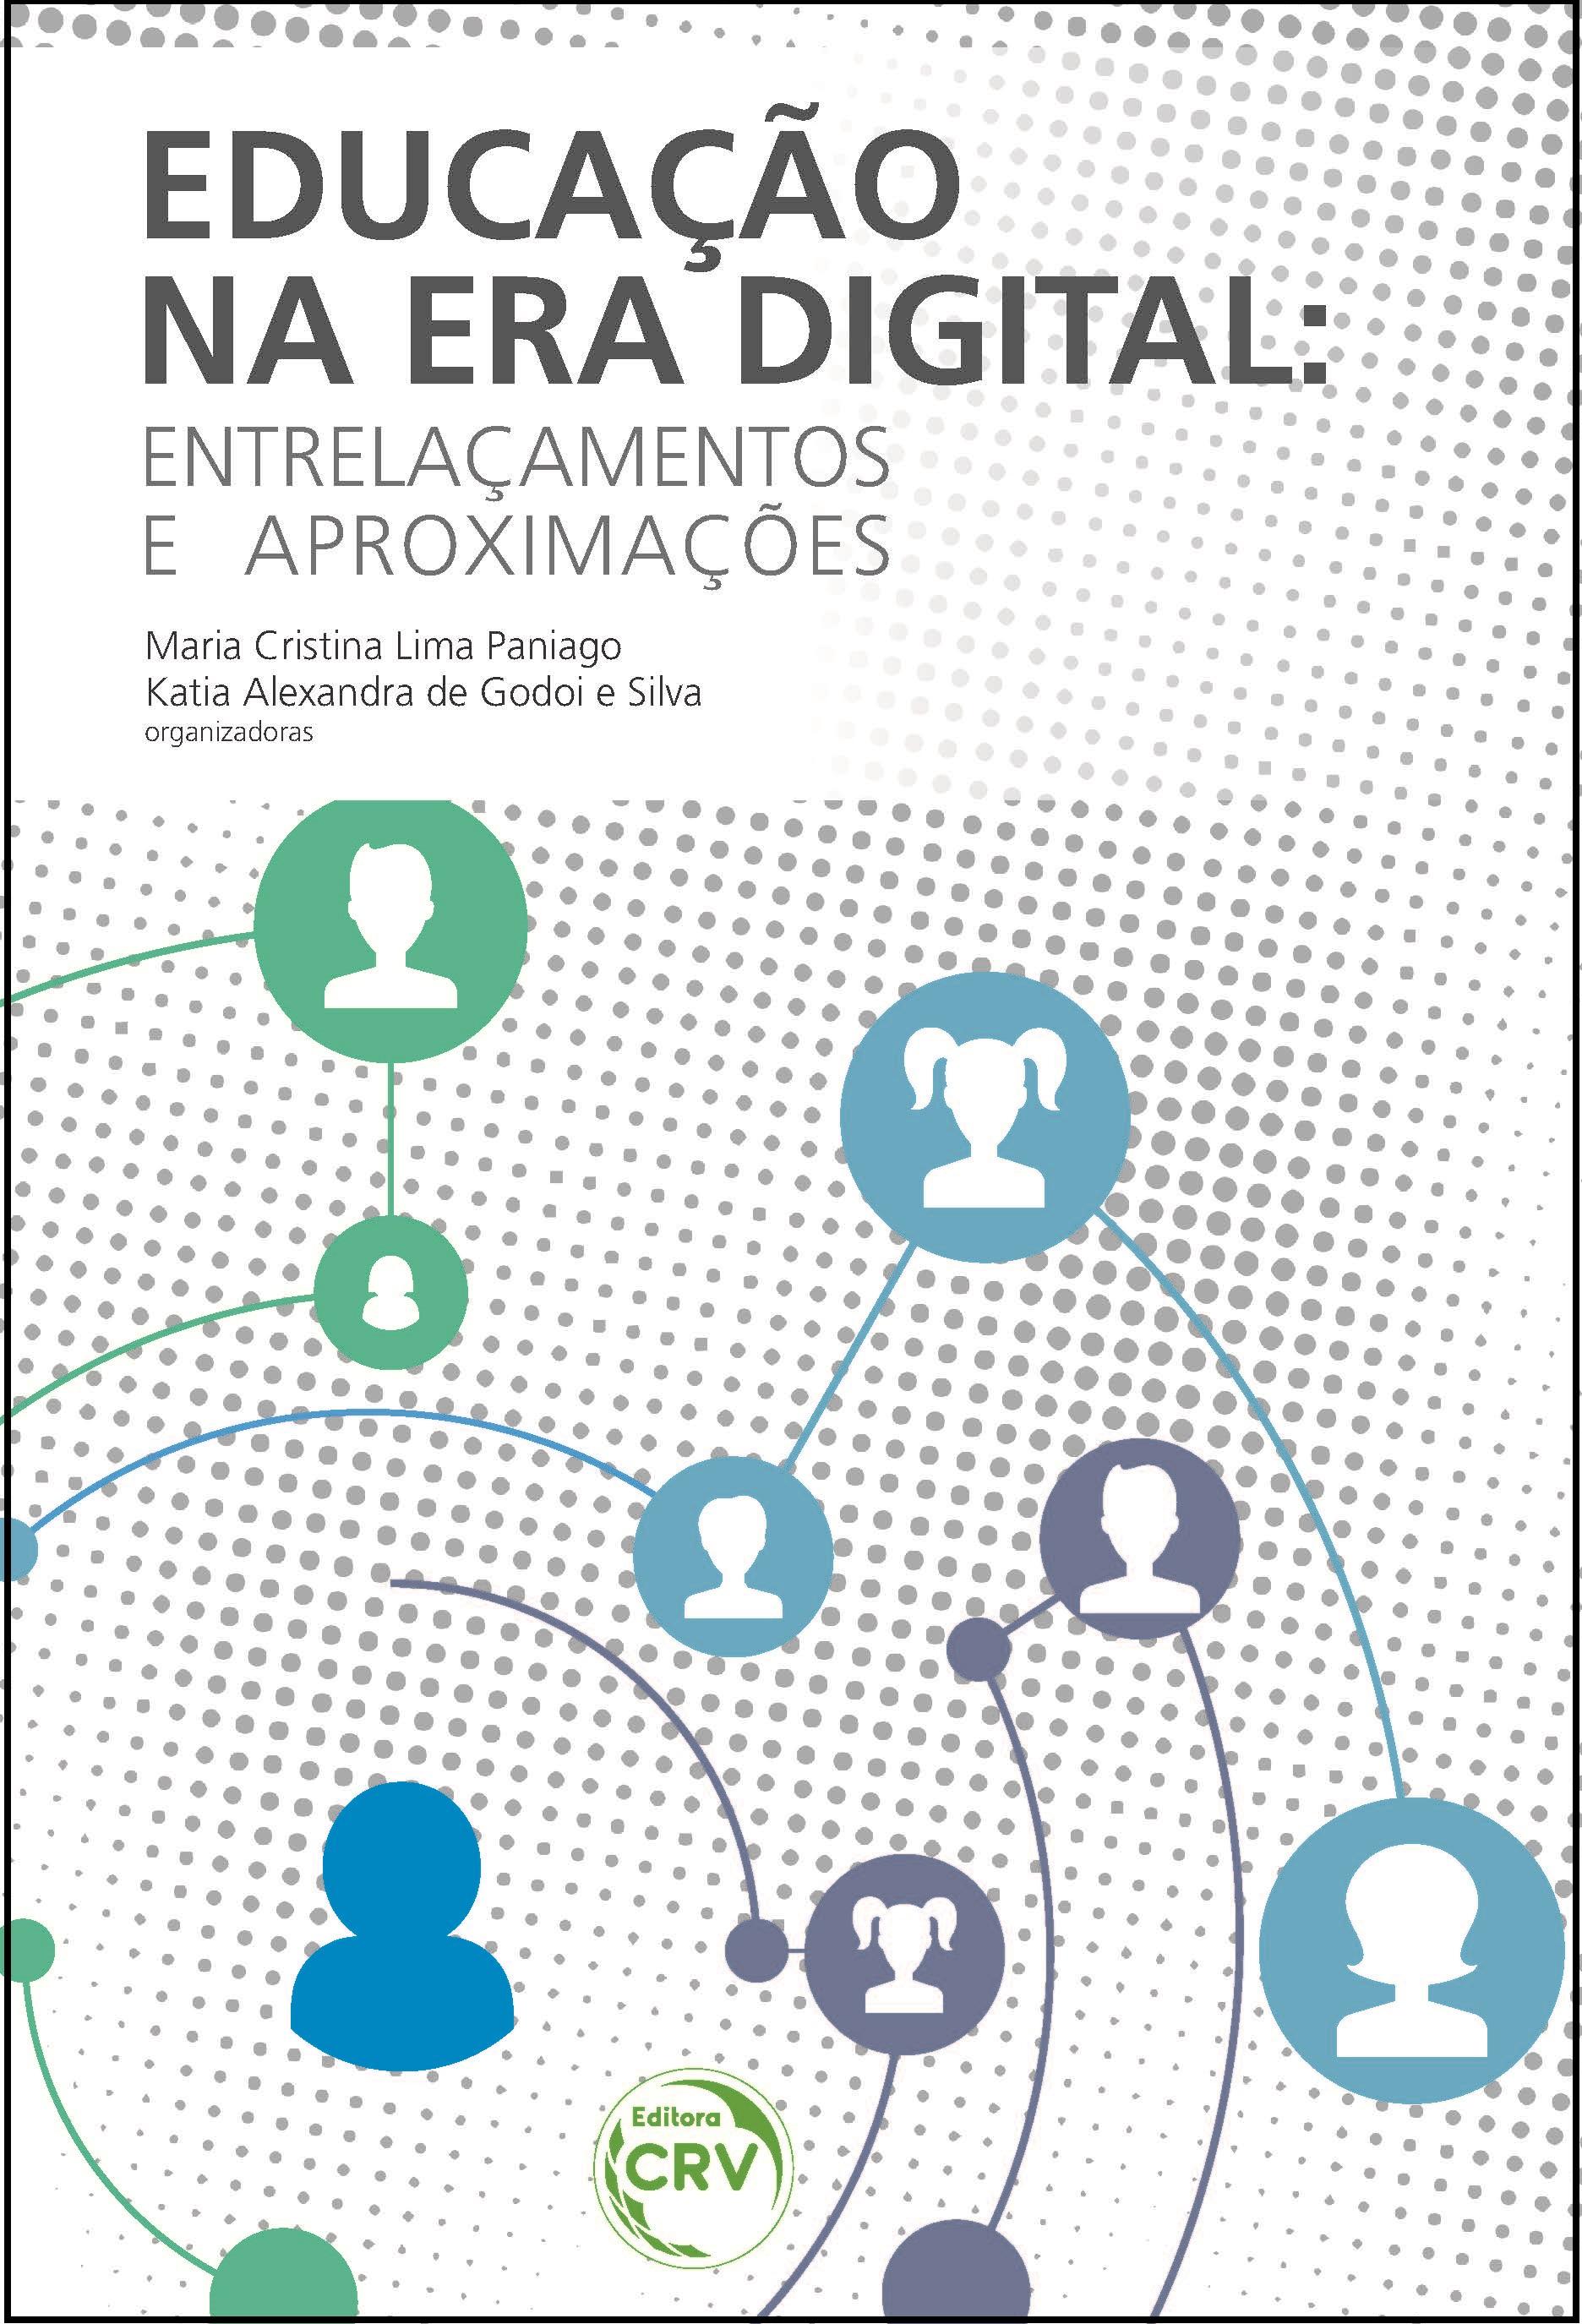 Capa do livro: EDUCAÇÃO NA ERA DIGITAL:<br>entrelaçamentos e aproximações